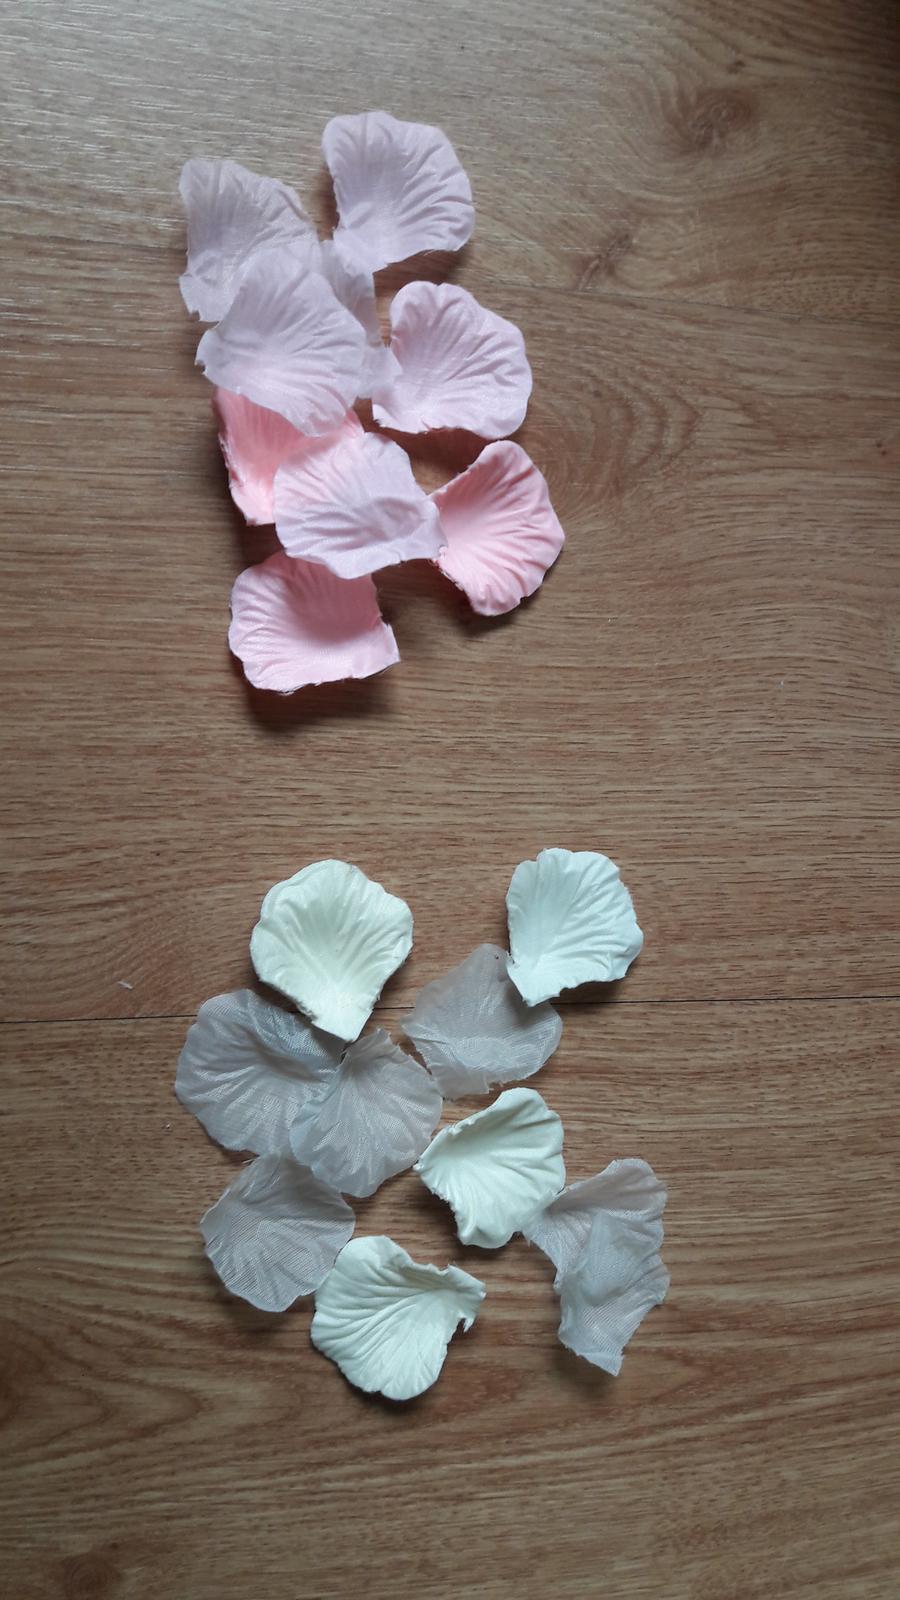 Plázky květů-růžová,béžová - Obrázek č. 1